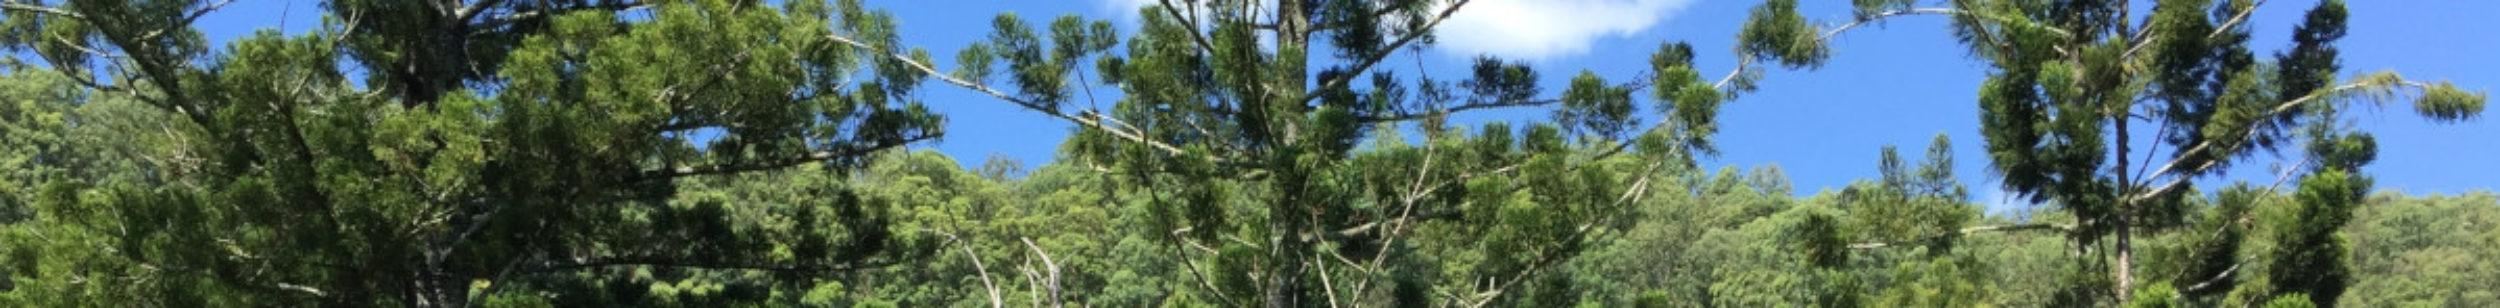 Araucaria Wildlife Sanctuary News